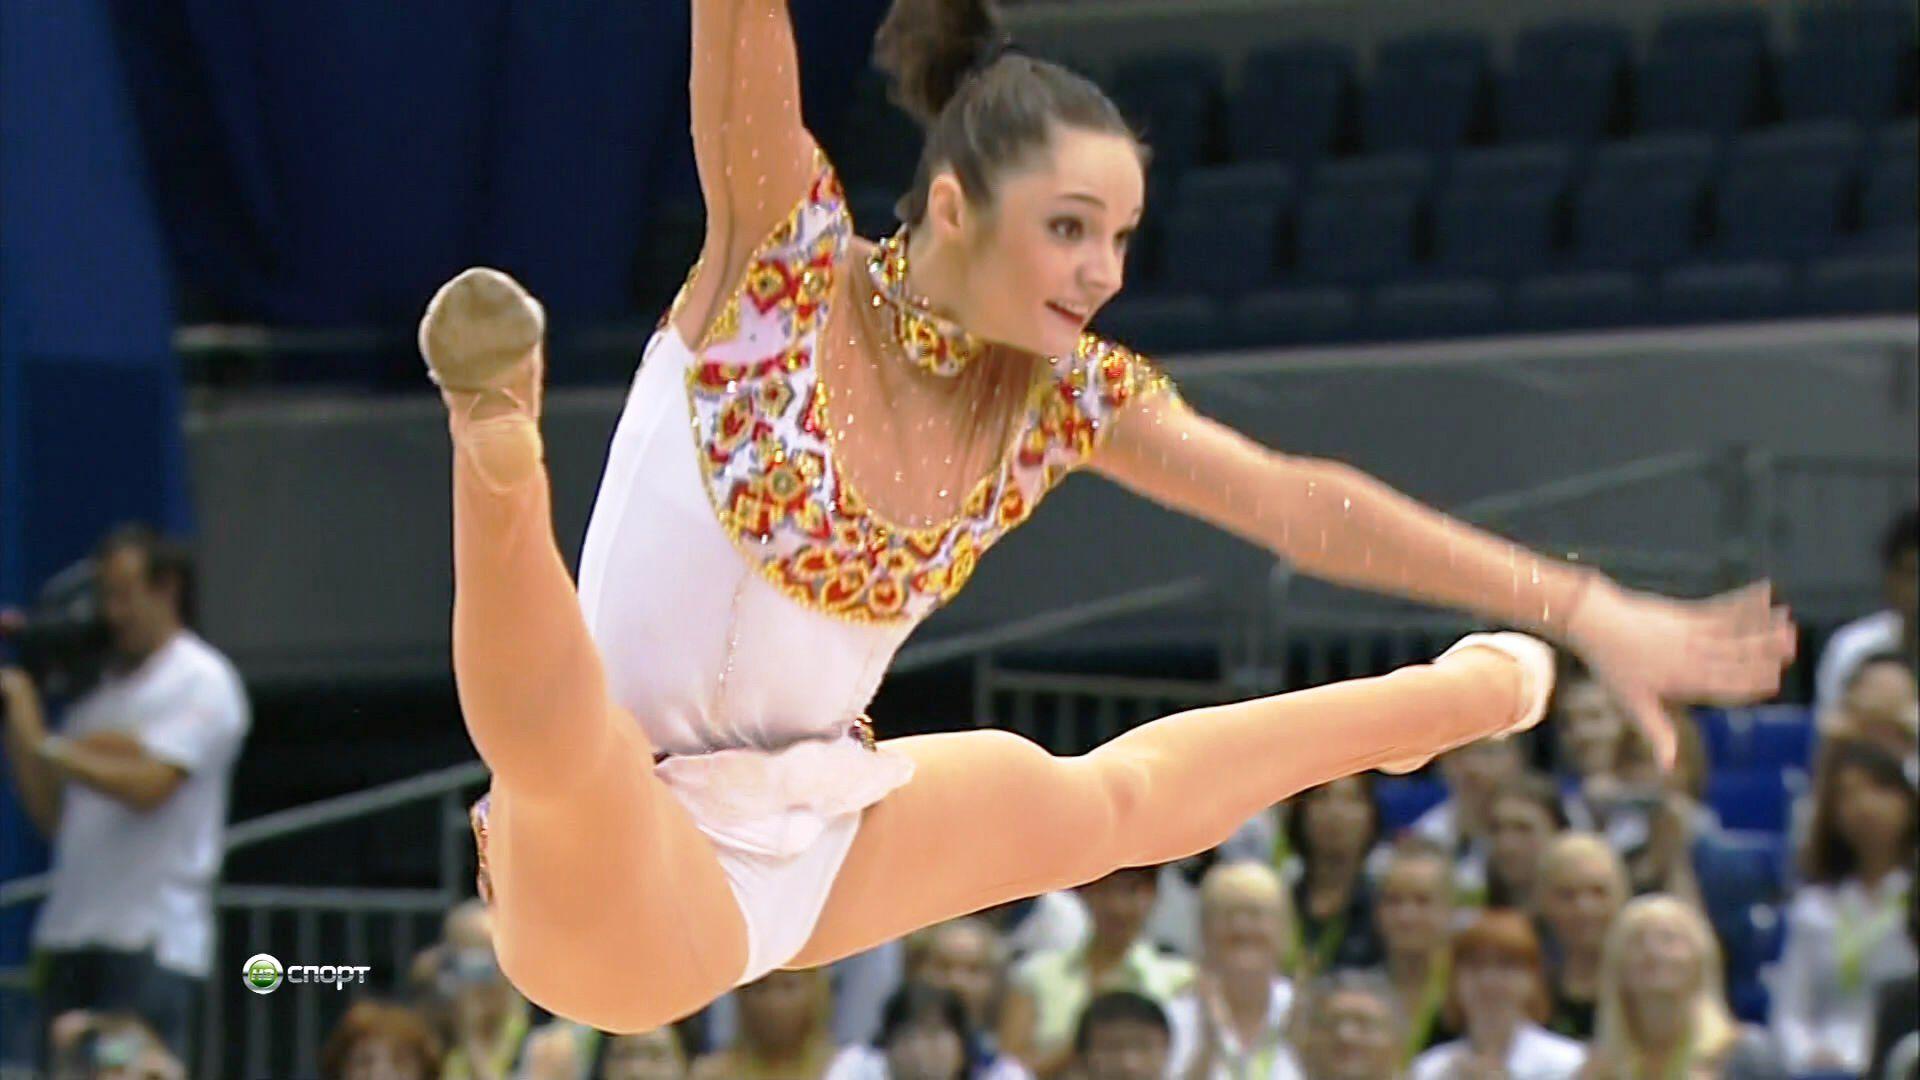 http://i3.imageban.ru/out/2011/03/08/f352632109a1027751f44d1fba8bdc15.jpg